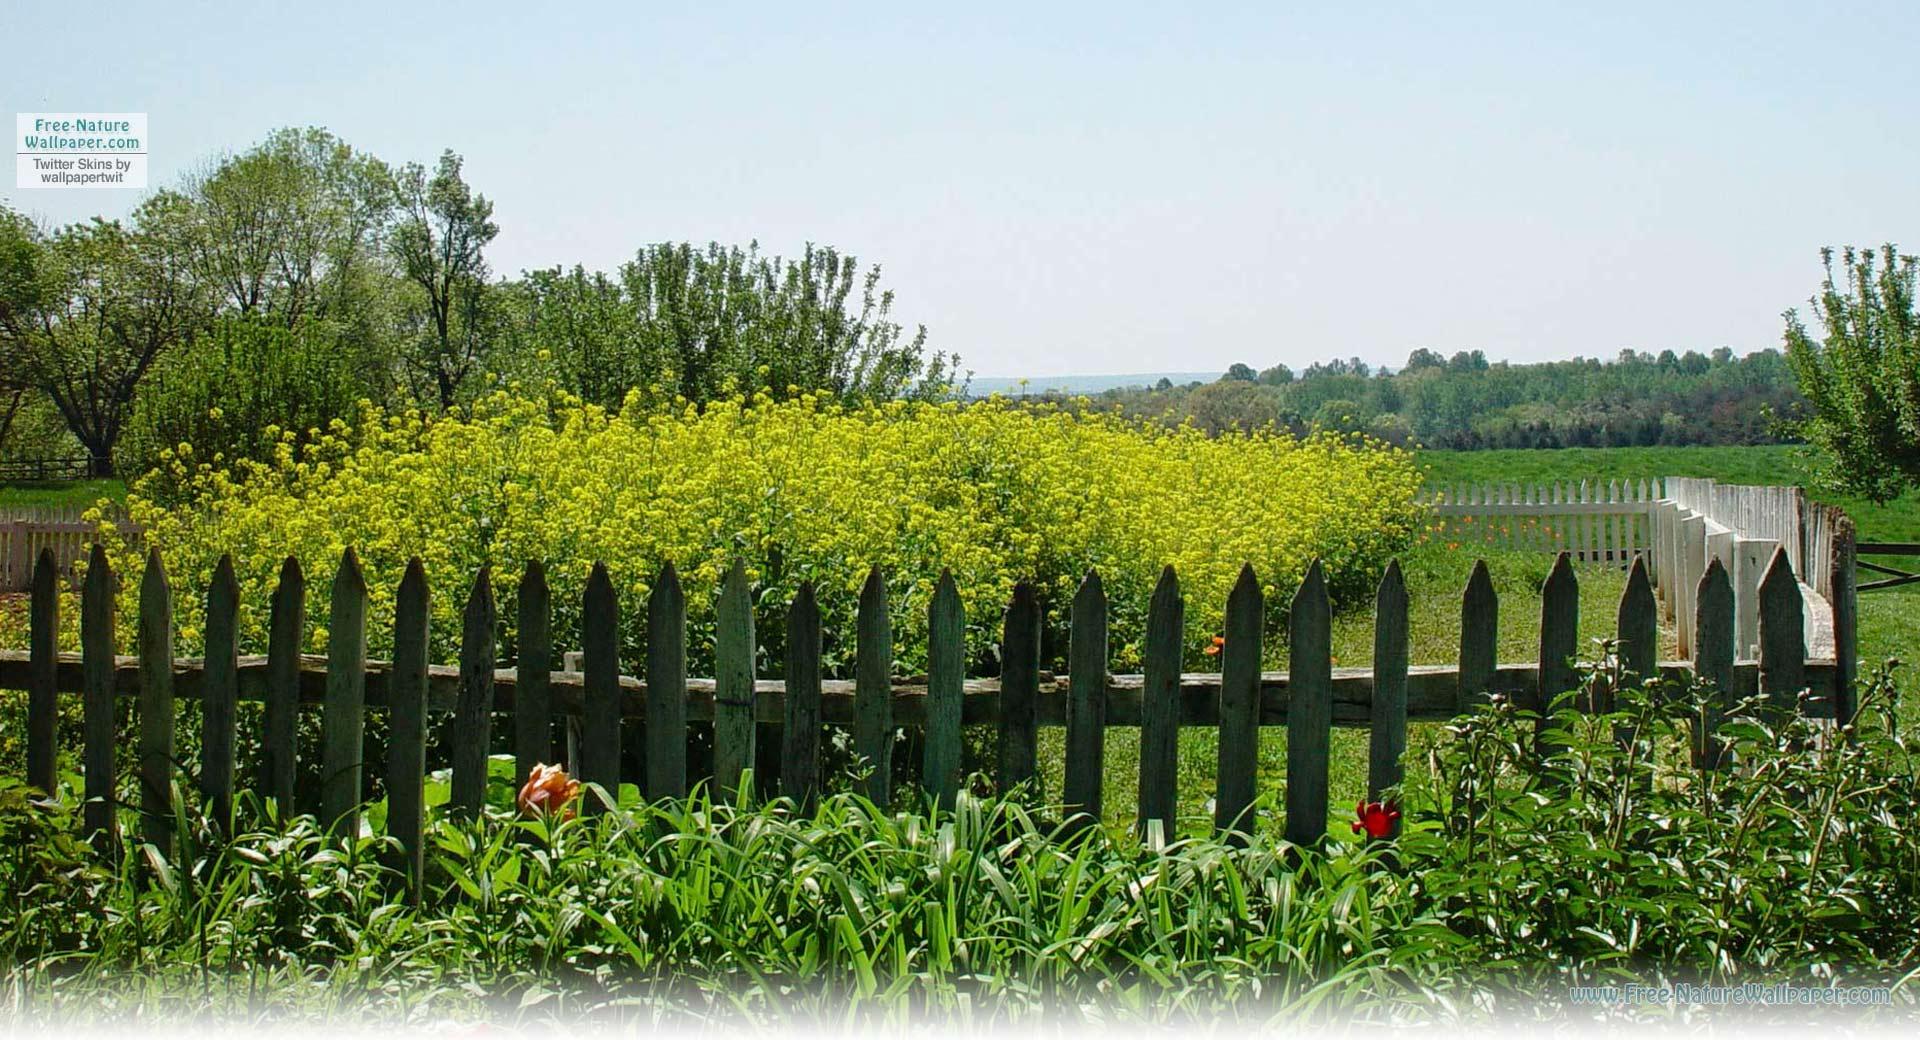 Country gardens wallpaper - Country Garden Wallpaper 19 Home Ideas